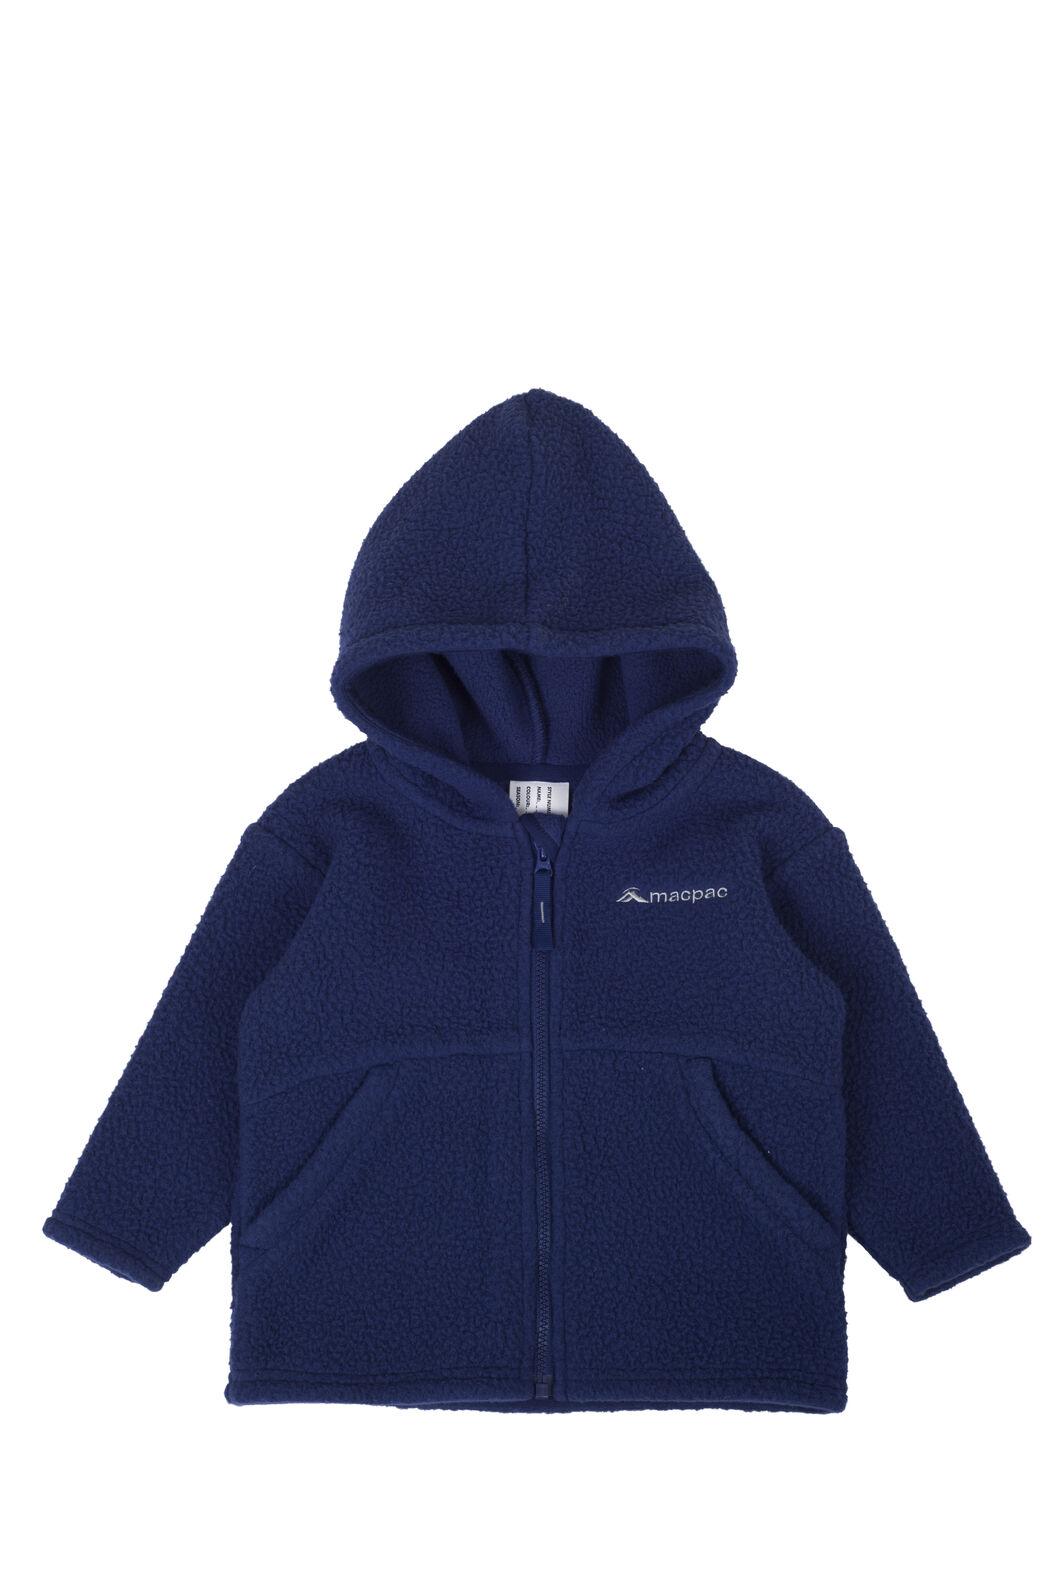 Macpac Acorn Fleece Jacket - Baby, Medieval Blue, hi-res